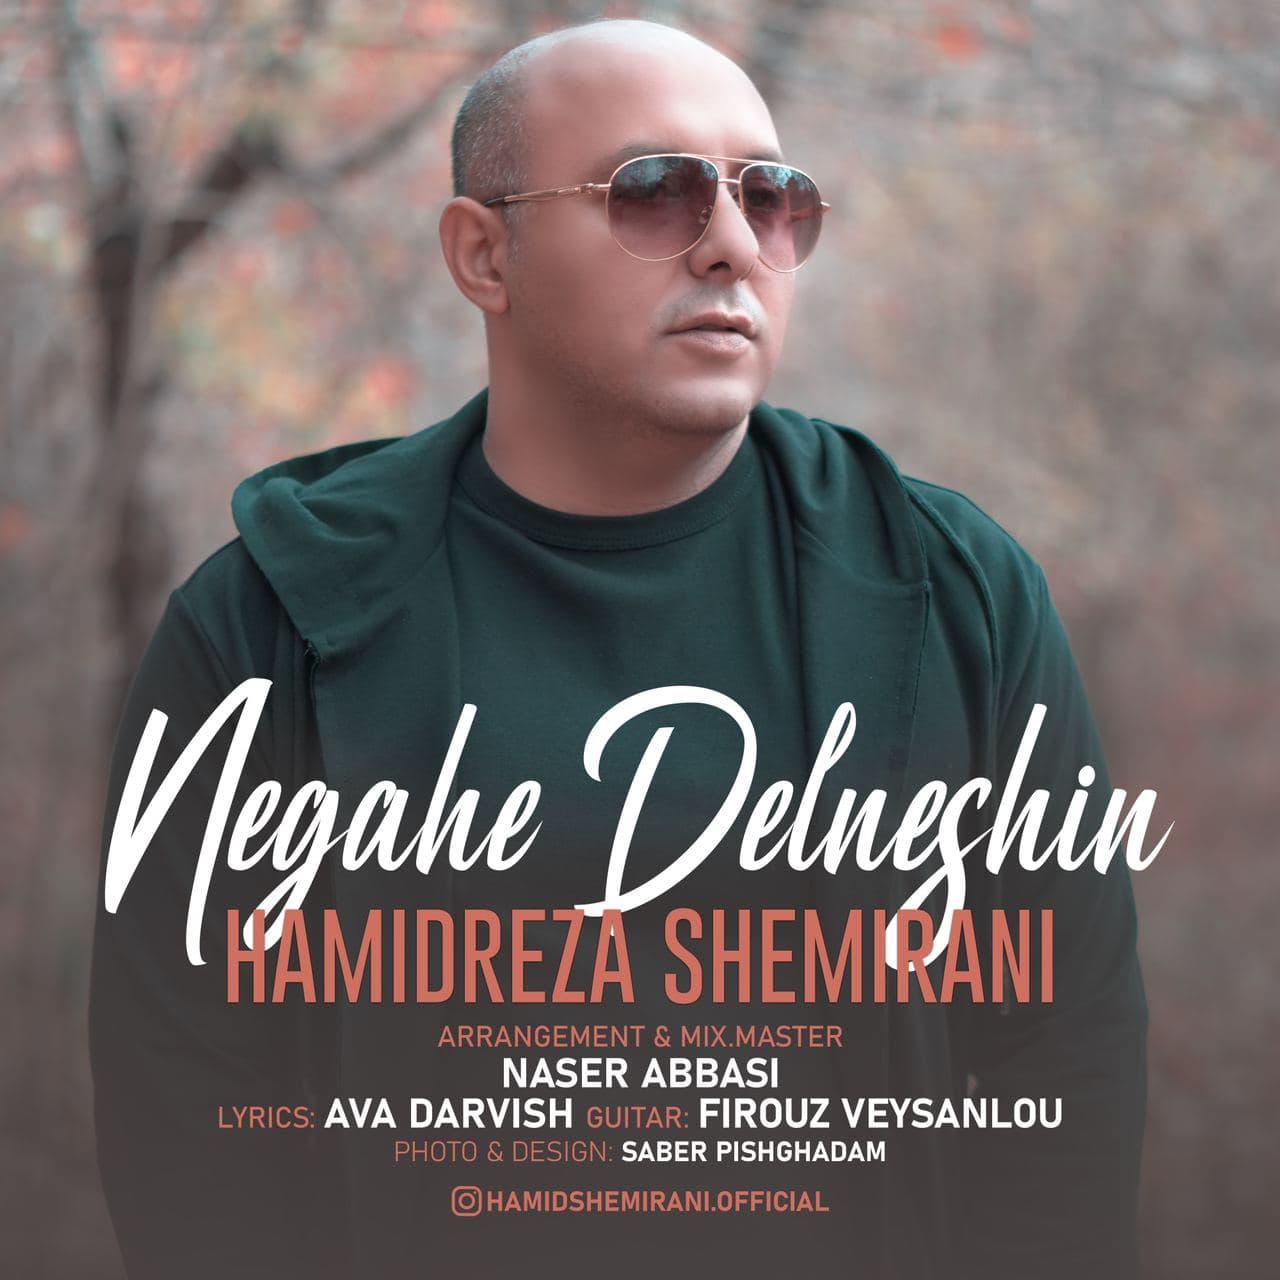 Hamidreza Shemirani – Negahe Delneshin